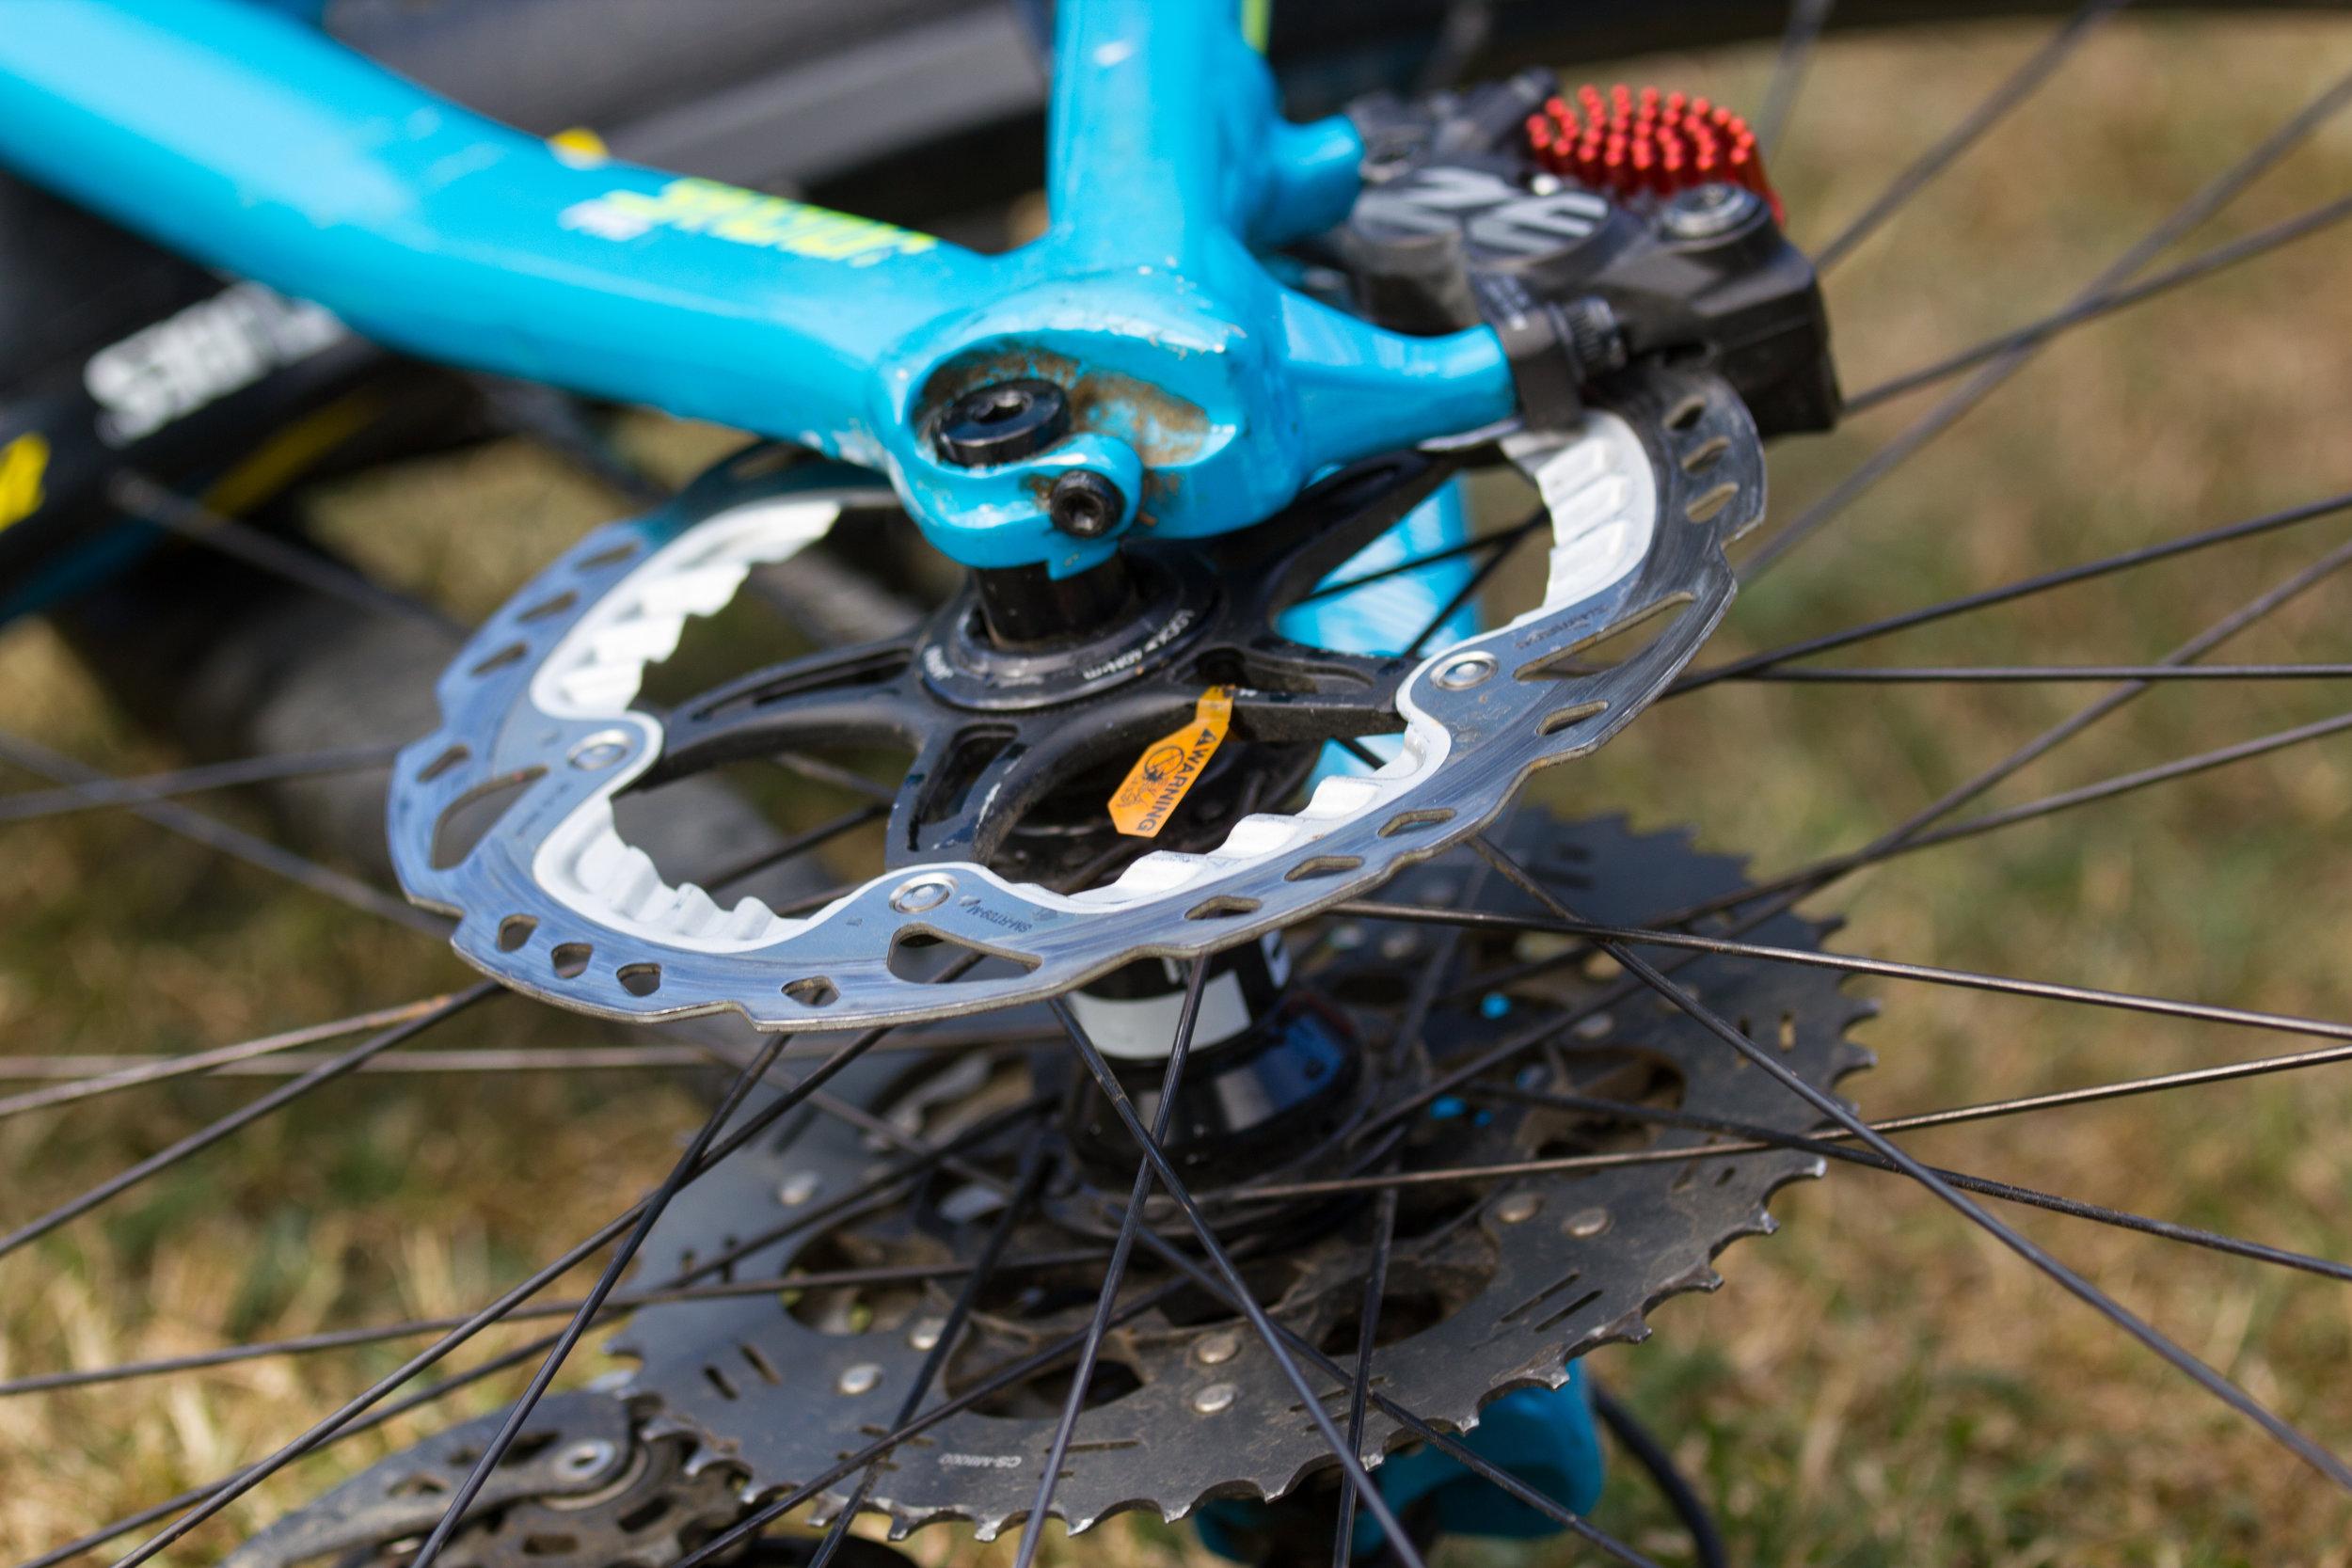 New brake discs?